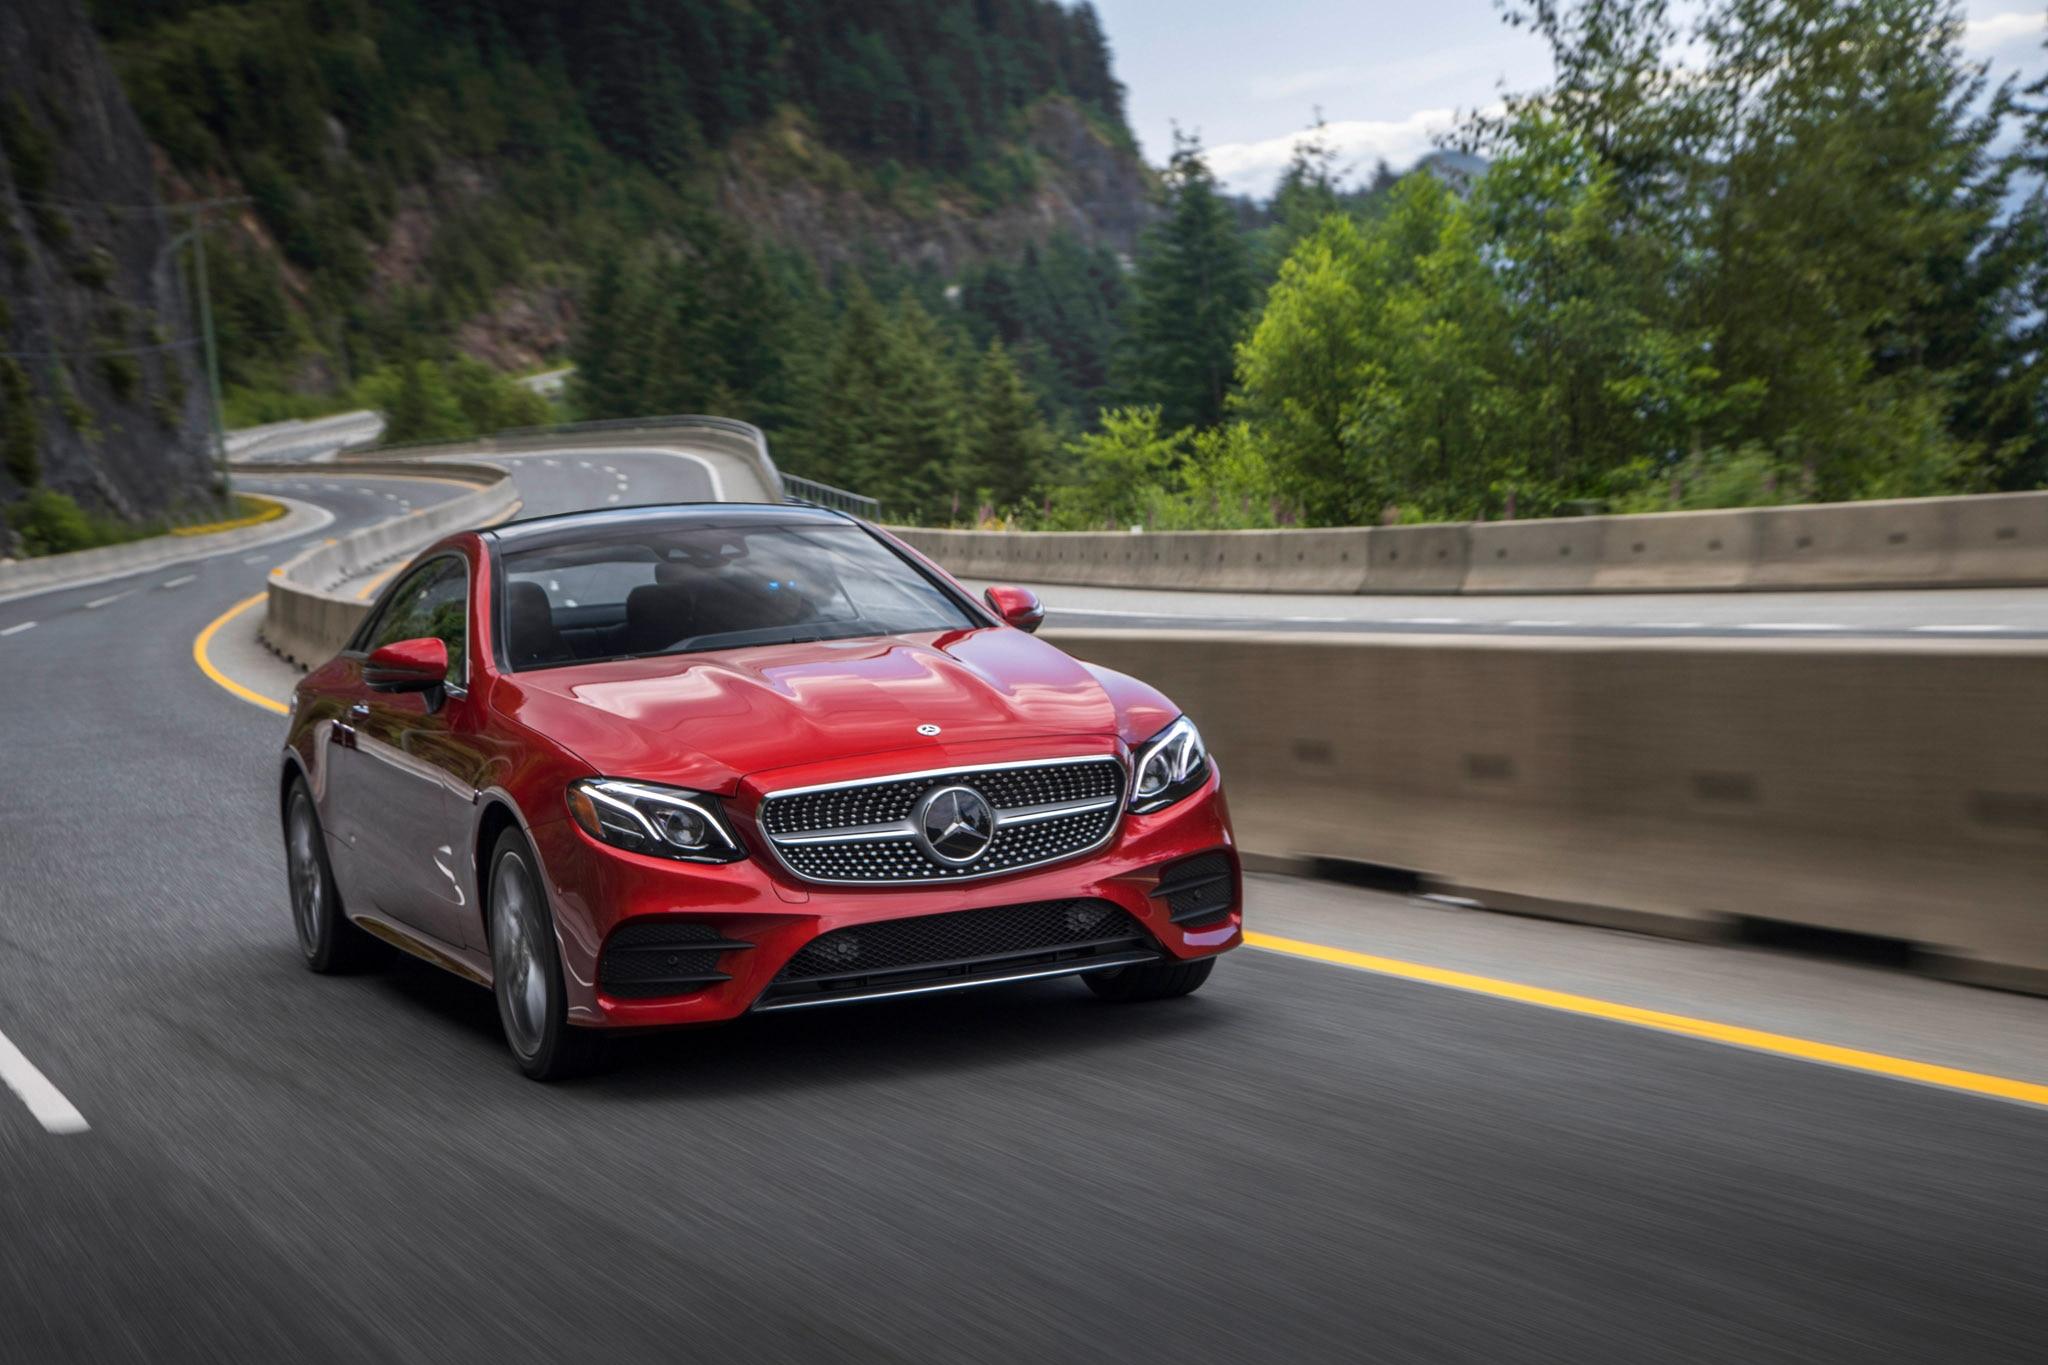 2018 mercedes benz e400 coupe u s spec first drive review for Mercedes benz e400 coupe for sale